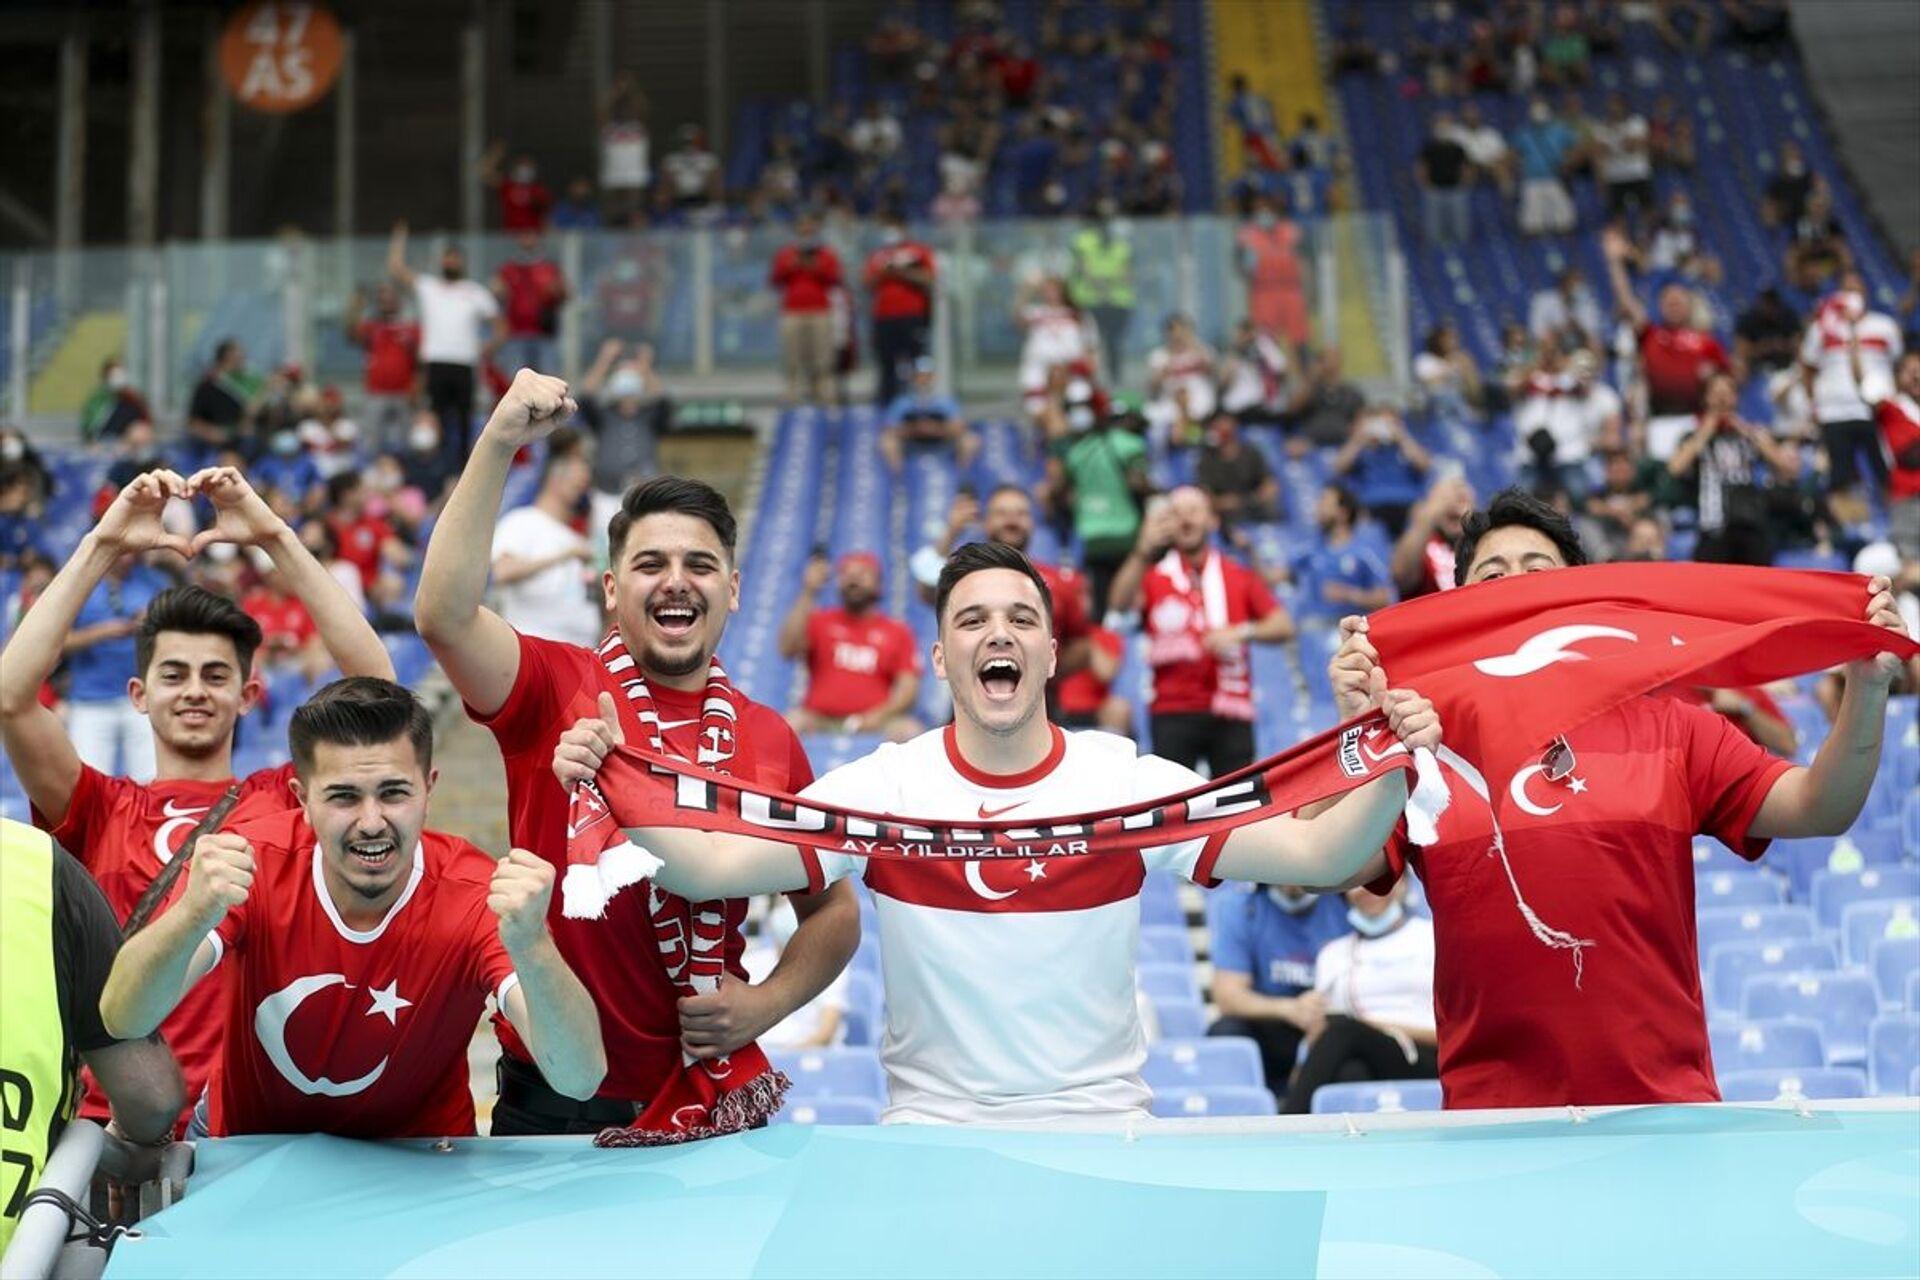 Türkiye ile İtalya arasında oynanan açılış maçında Roma Olimpiyat Stadı'nın tribünlerinde yaklaşık 16 bin taraftar yer aldı. - Sputnik Türkiye, 1920, 10.08.2021